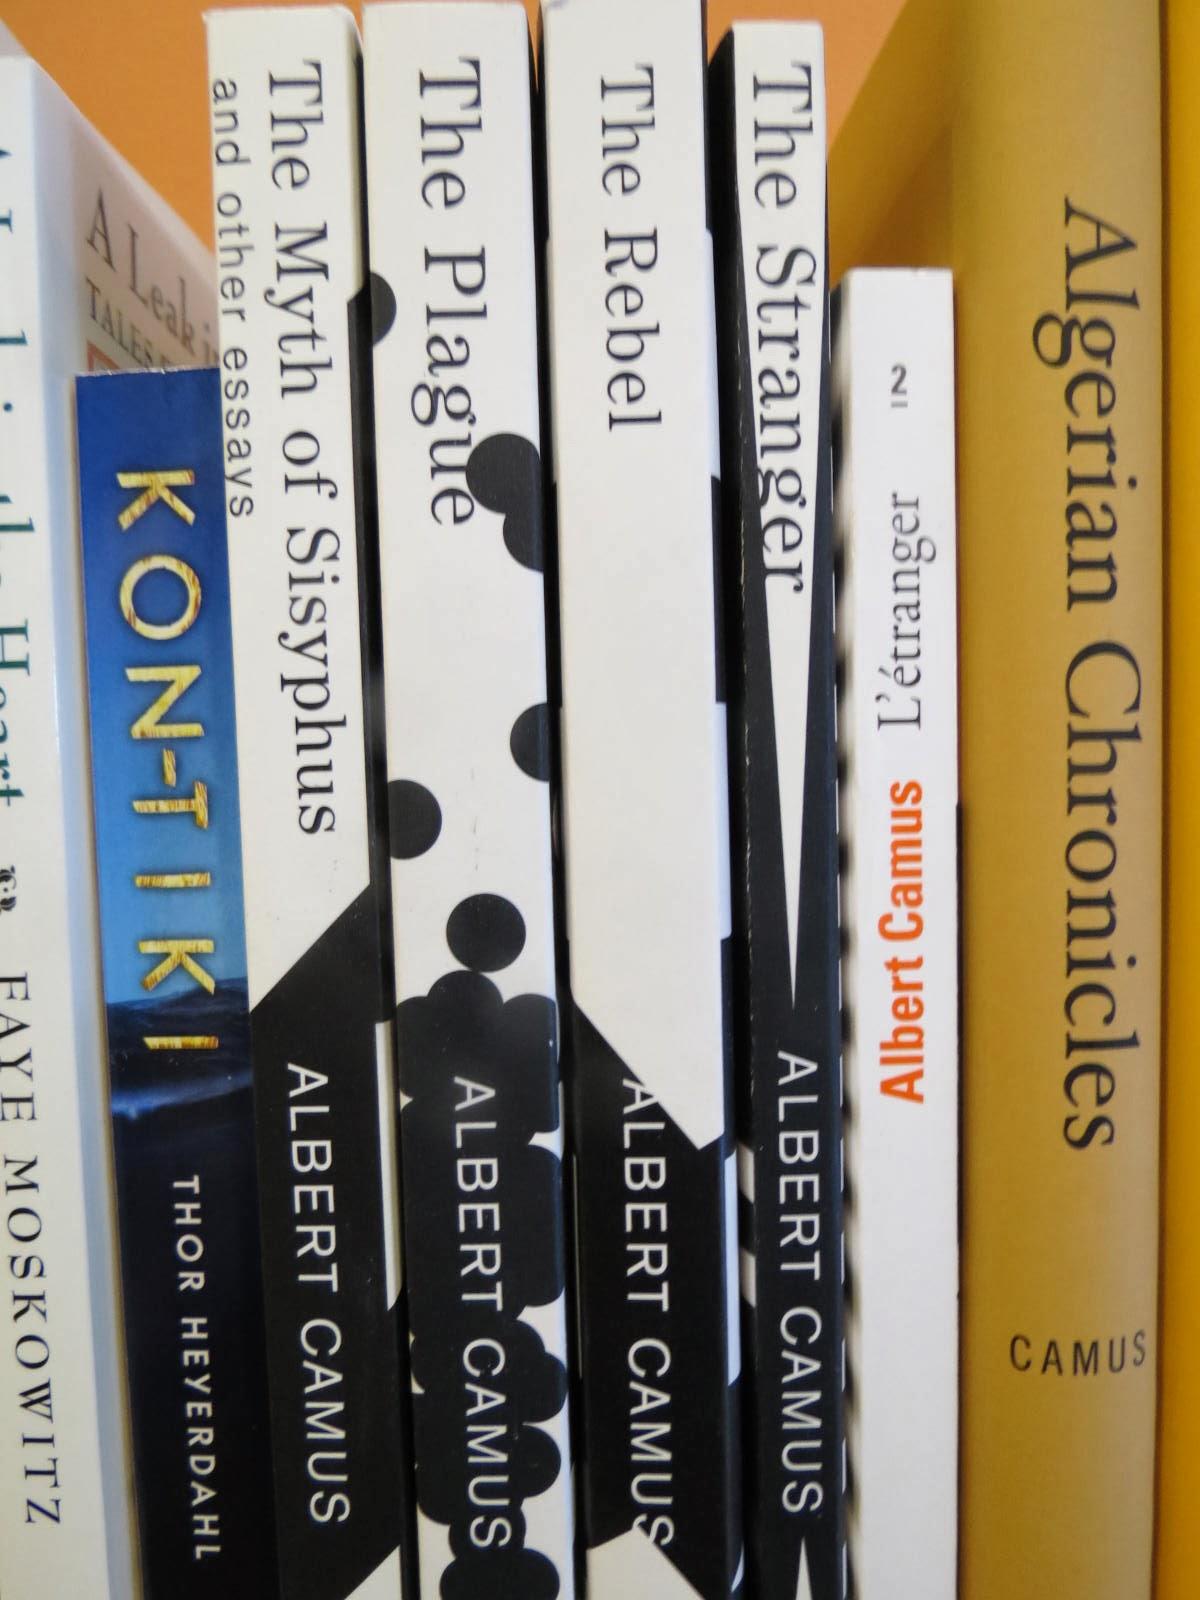 books in northport 2013 albert camus titles